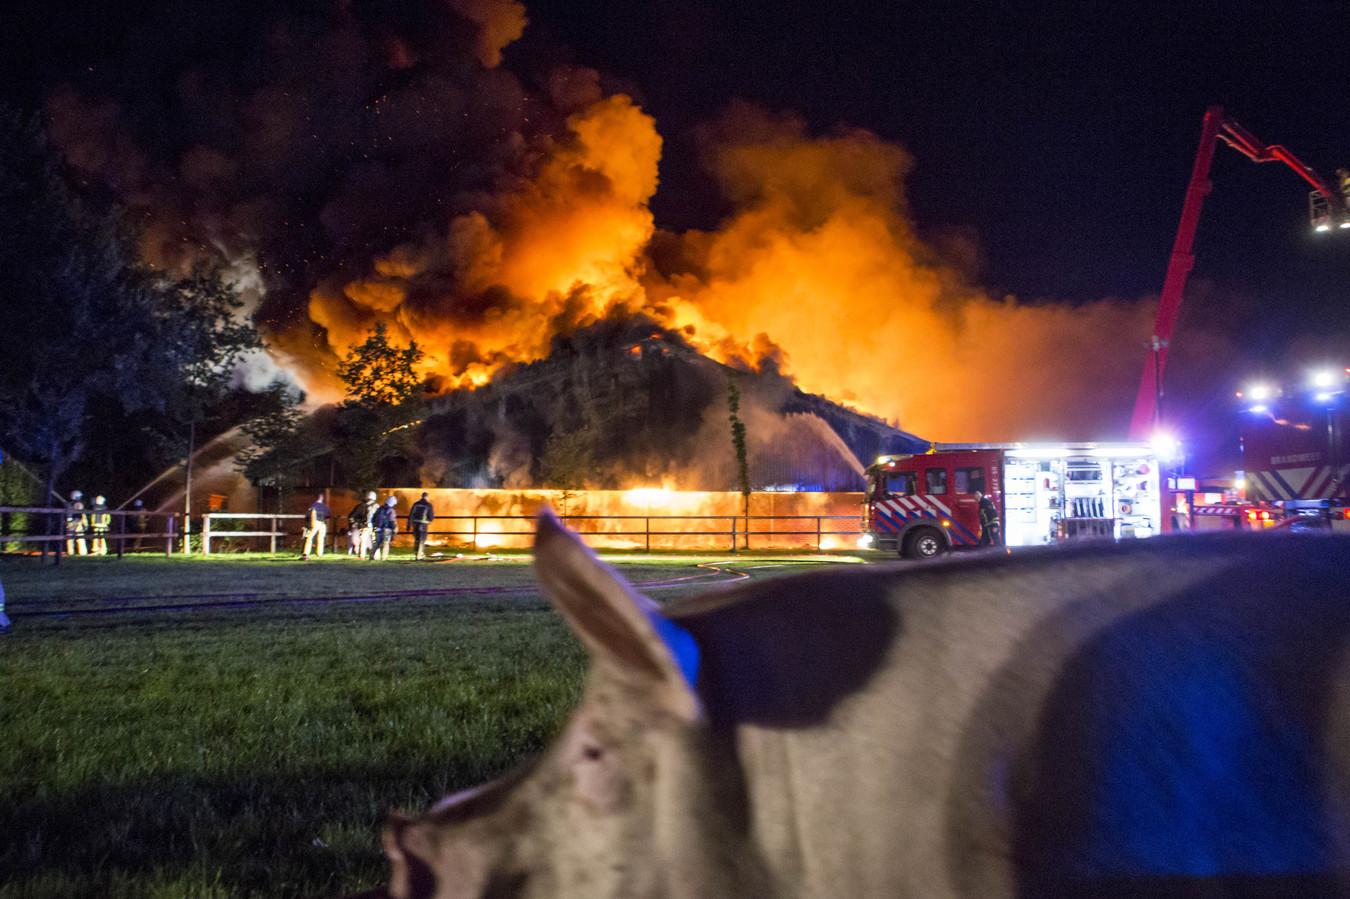 Een grote brand waarbij meerdere varkensschuren in de as werden gelegd. Zo'n 10.000 varkens kwamen om.